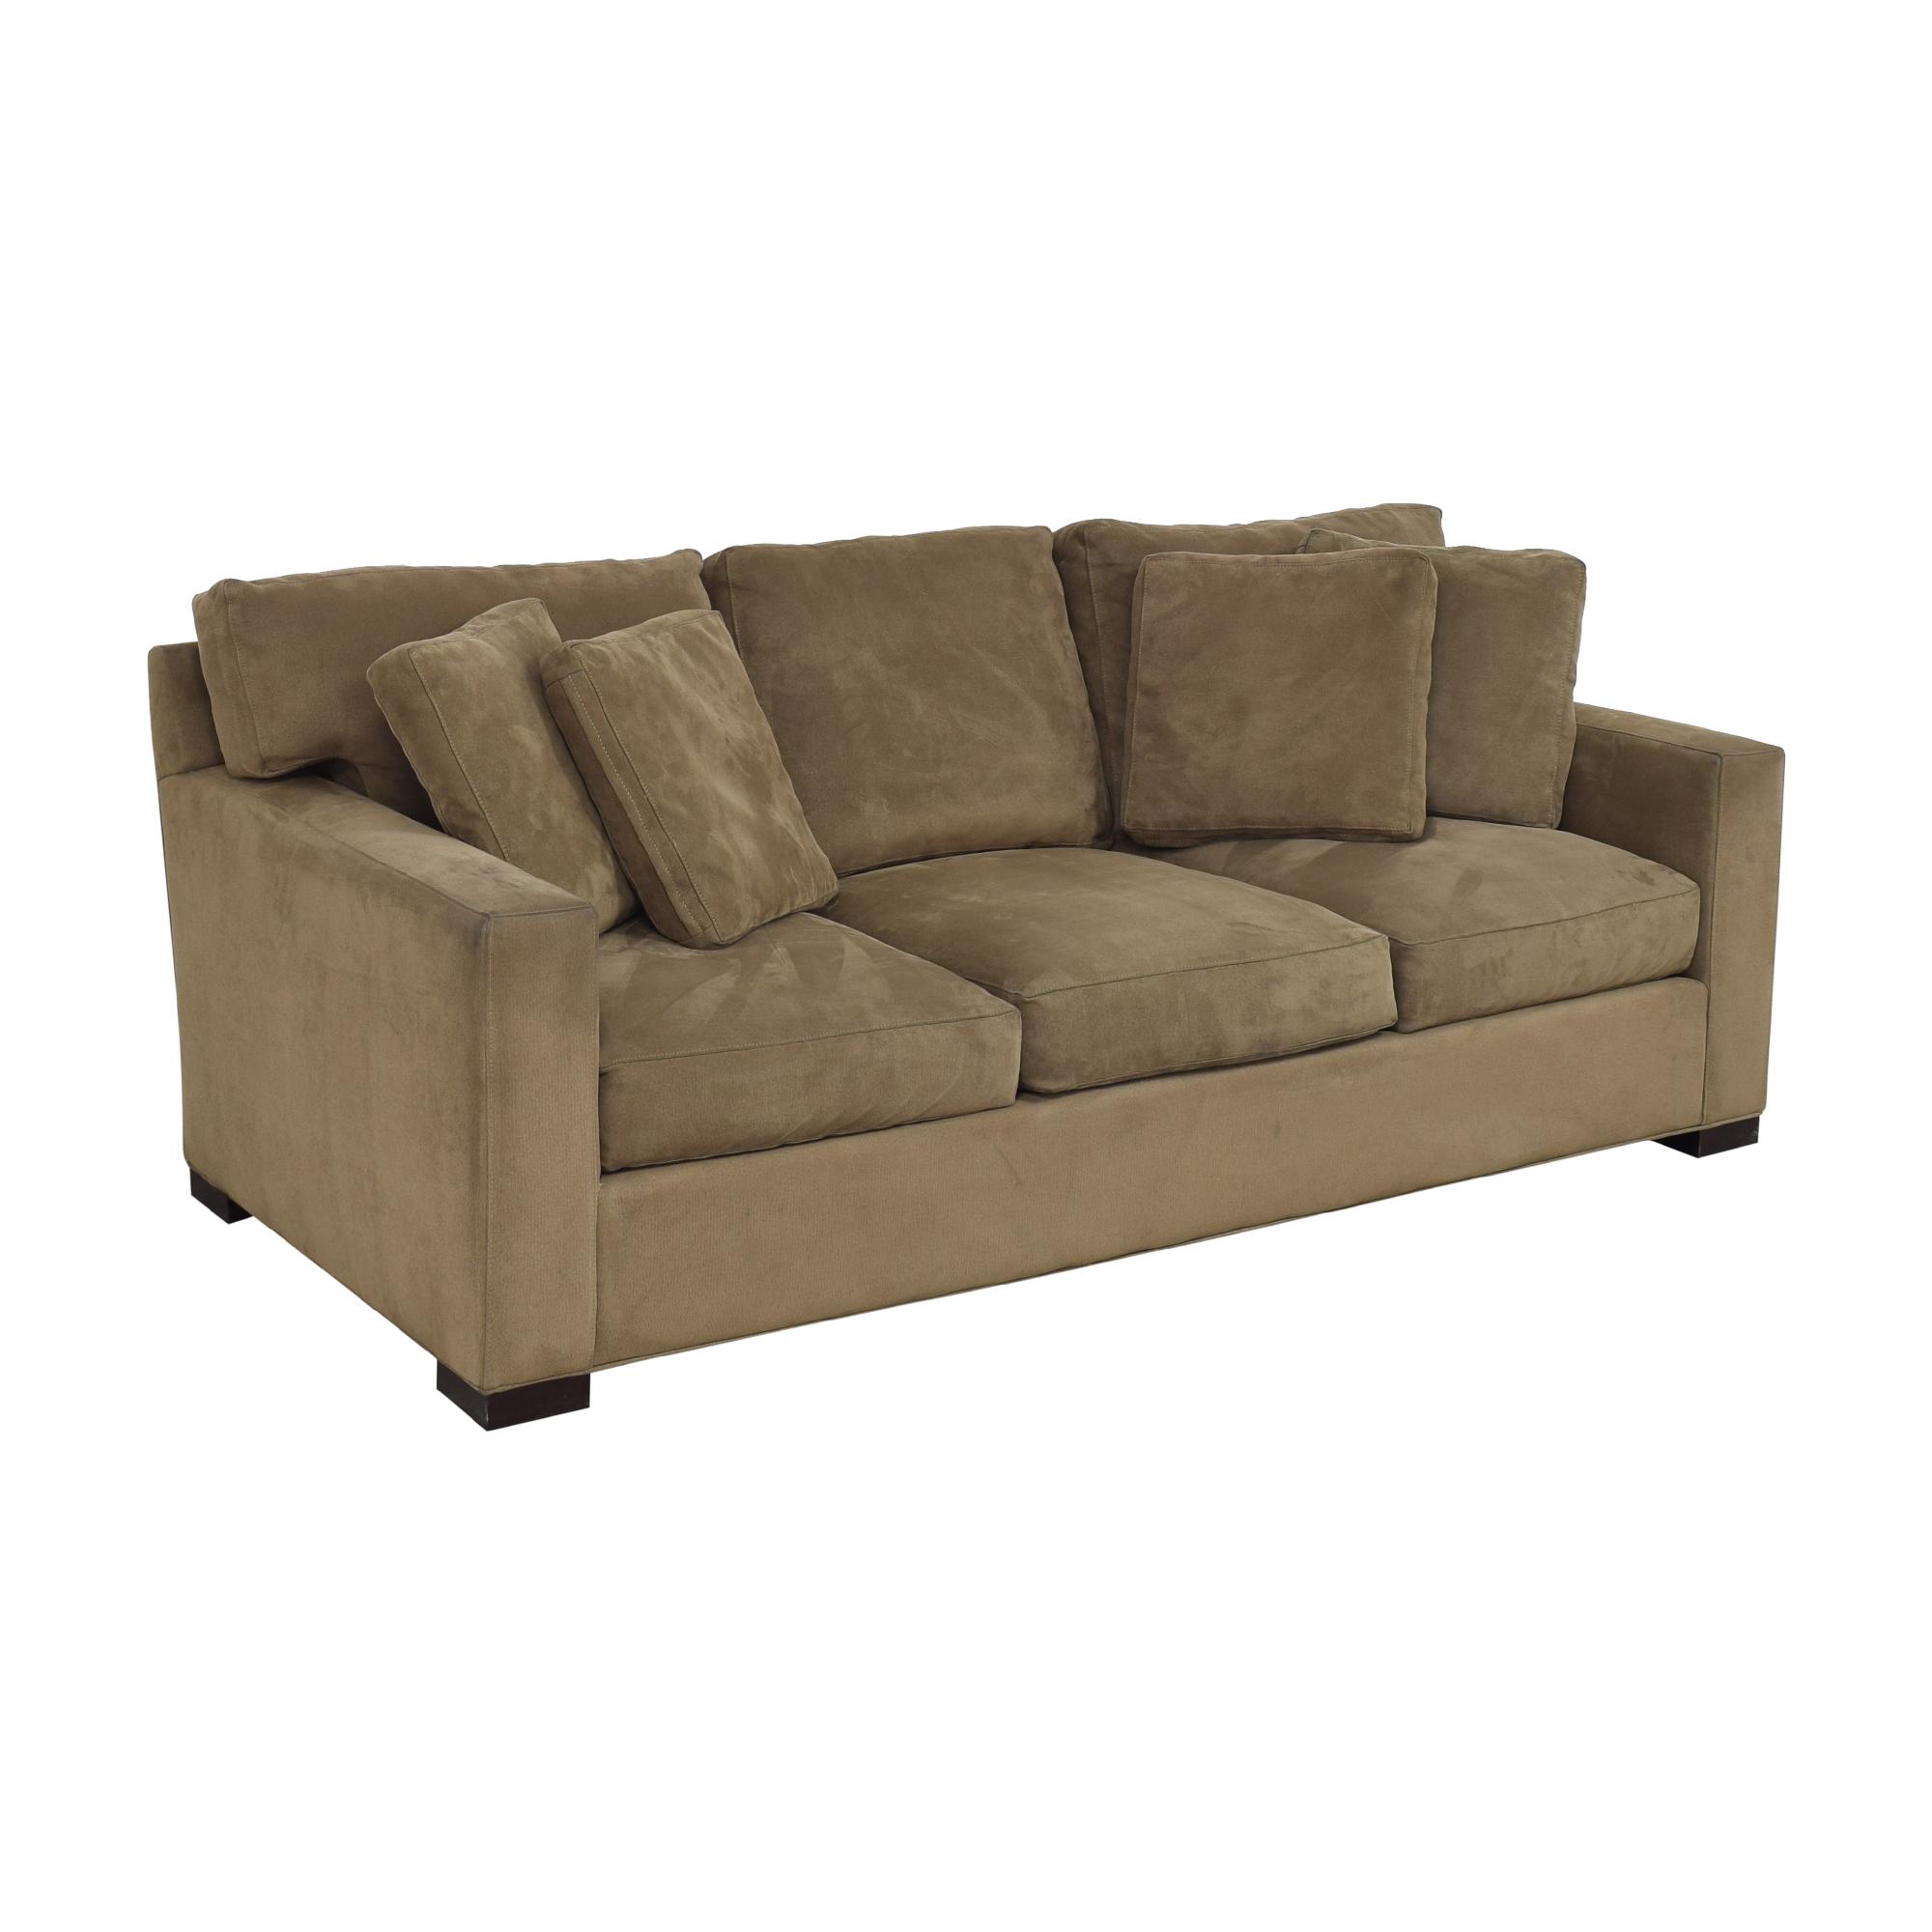 Crate & Barrel Crate & Barrel Axis Three Seat Sofa Sofas